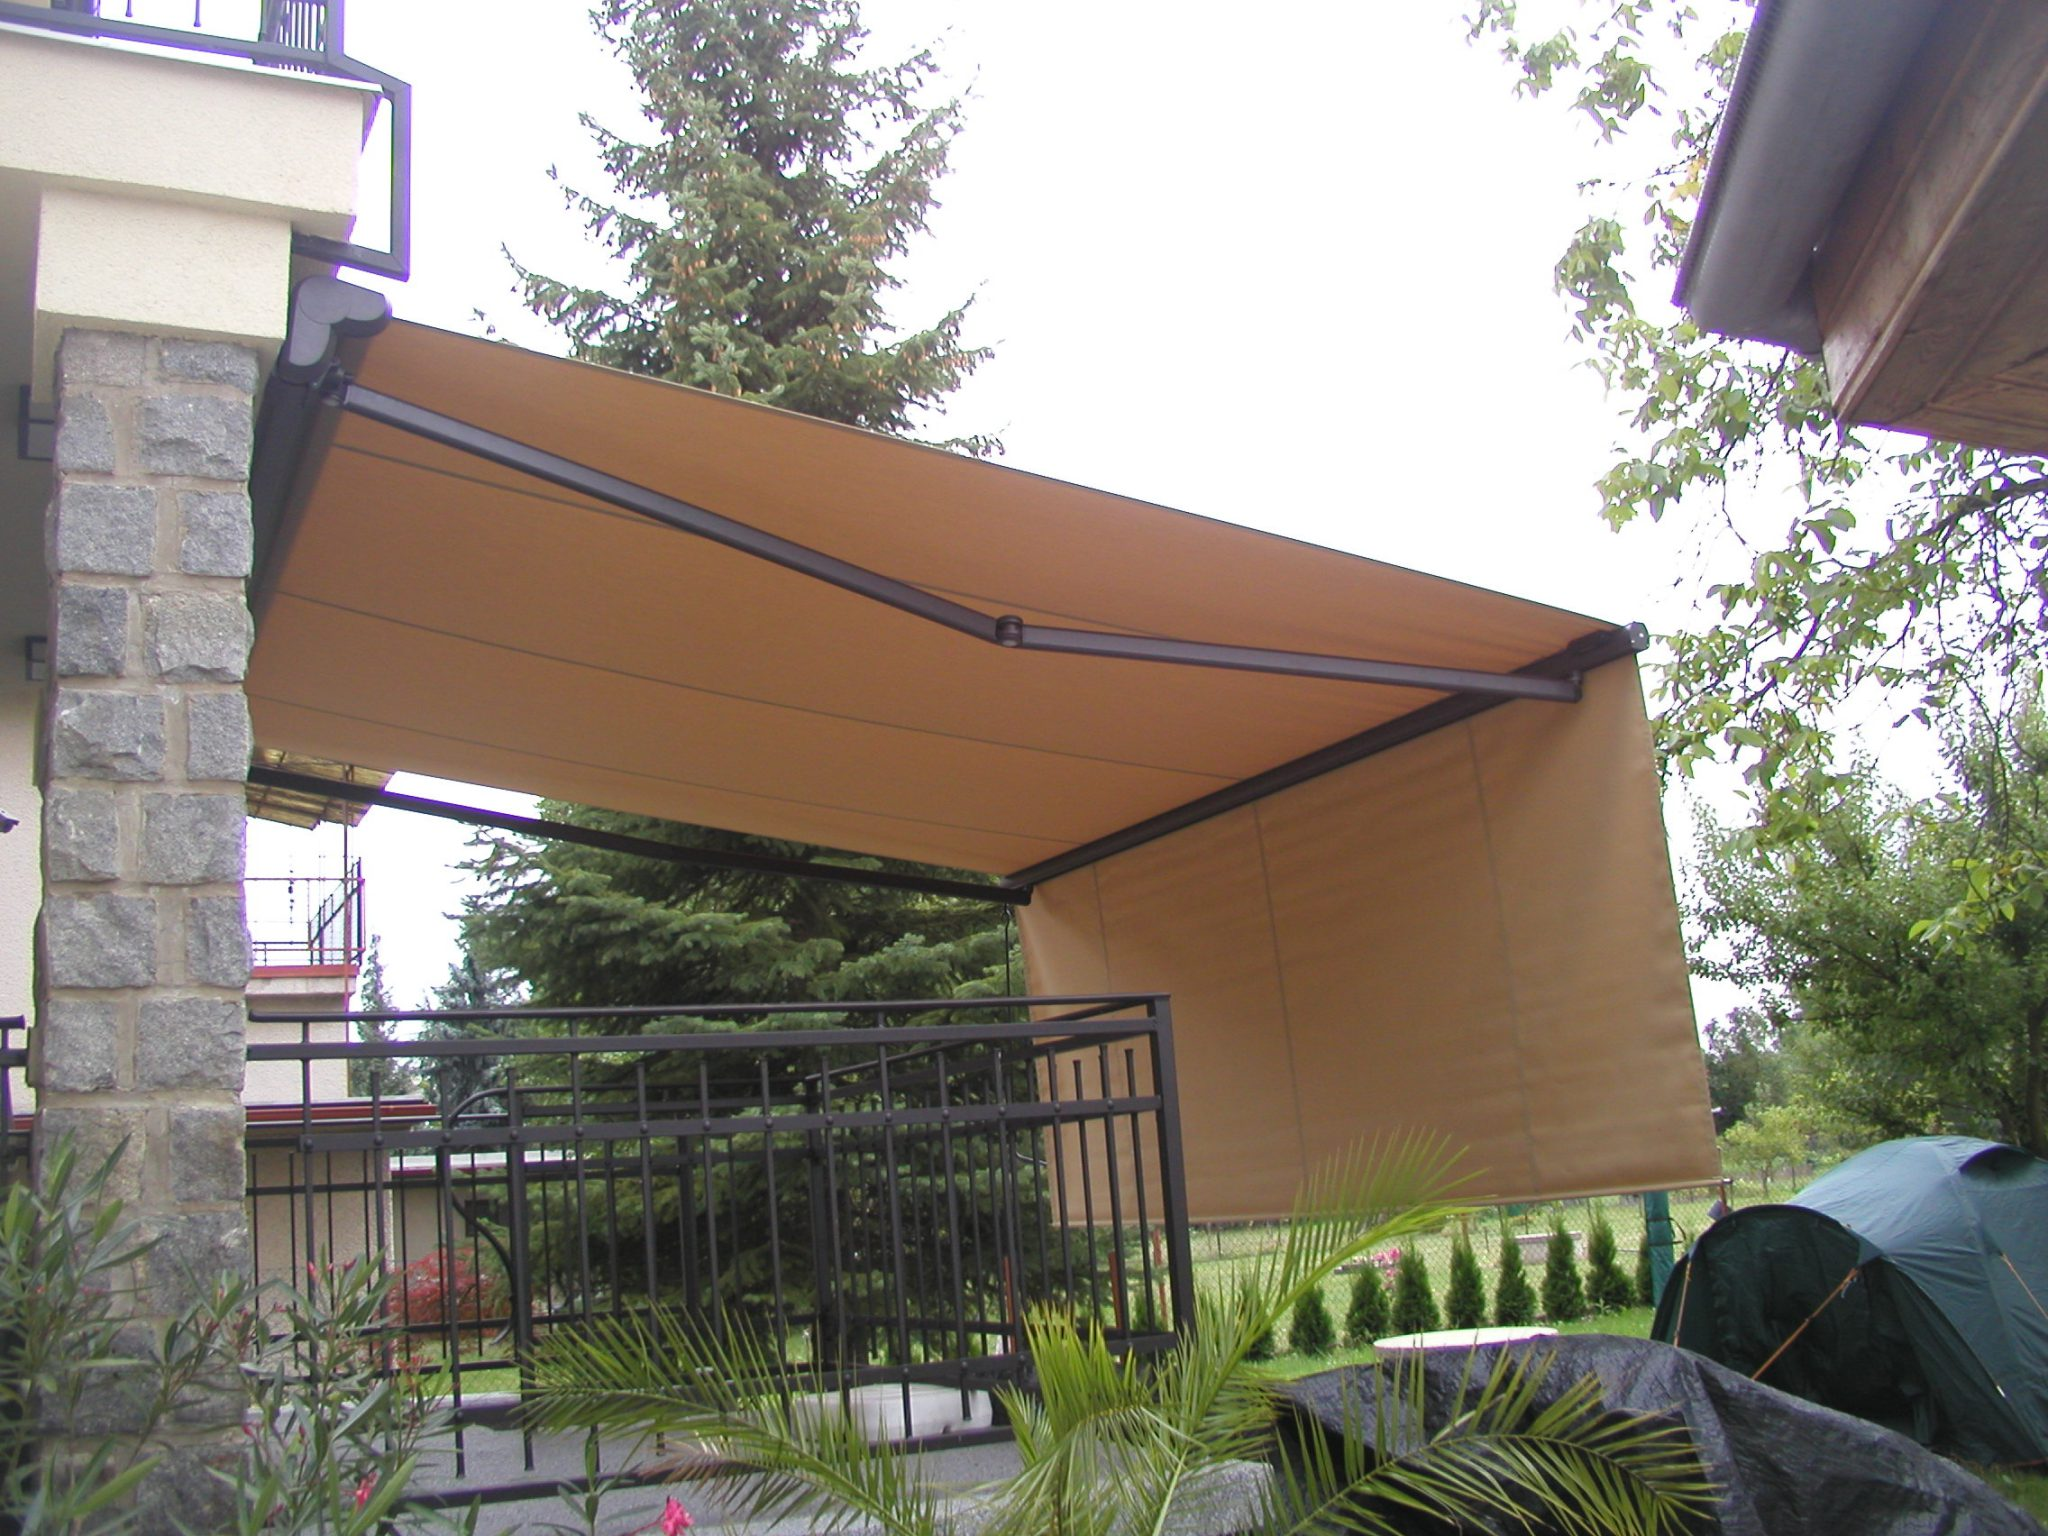 Dvojitá balkonová markýzy s velkým volánem proti nízkému slunci, Pardubice